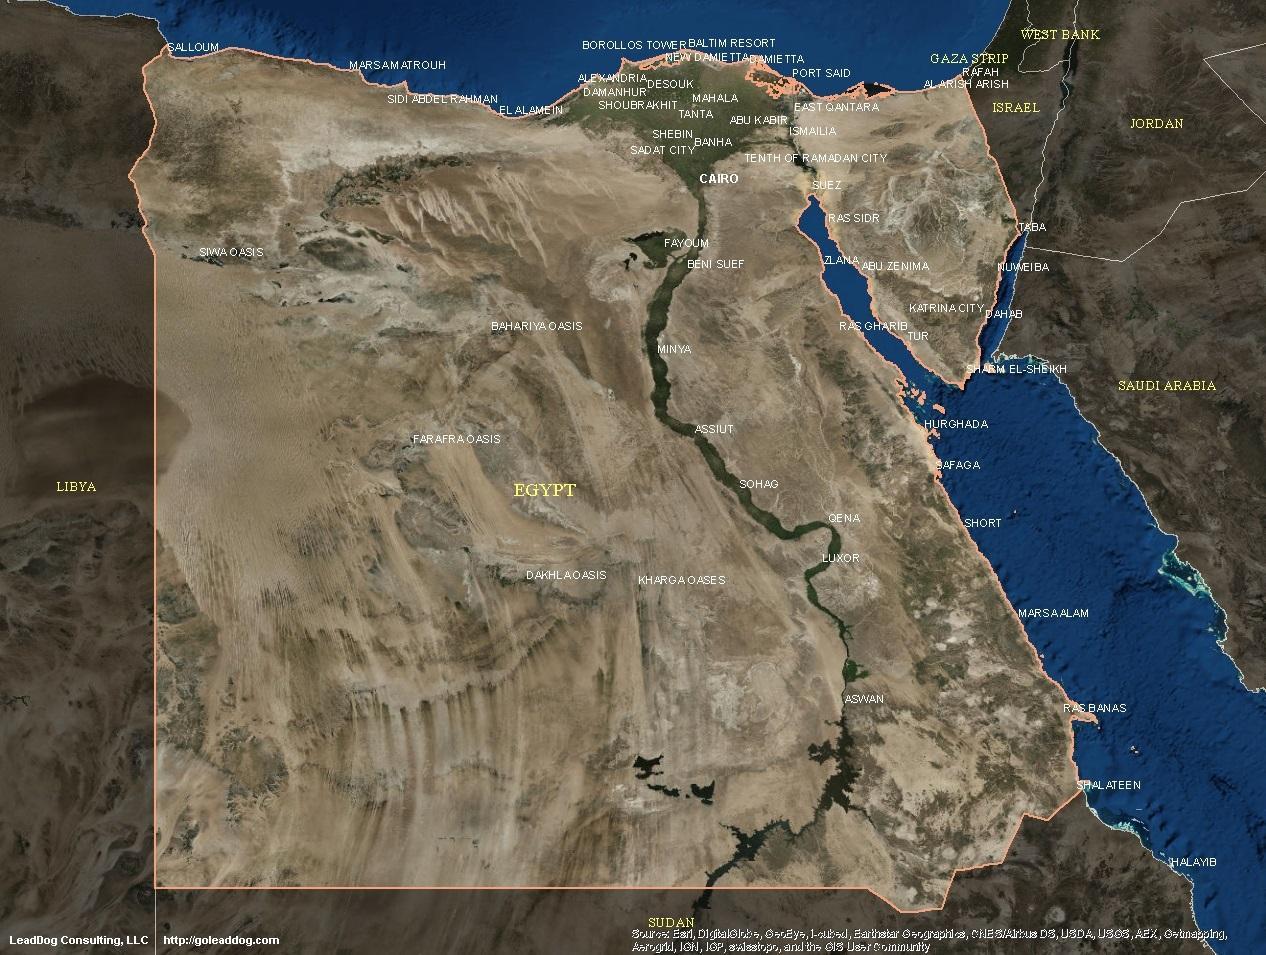 фото карта араб спутник замужества работала